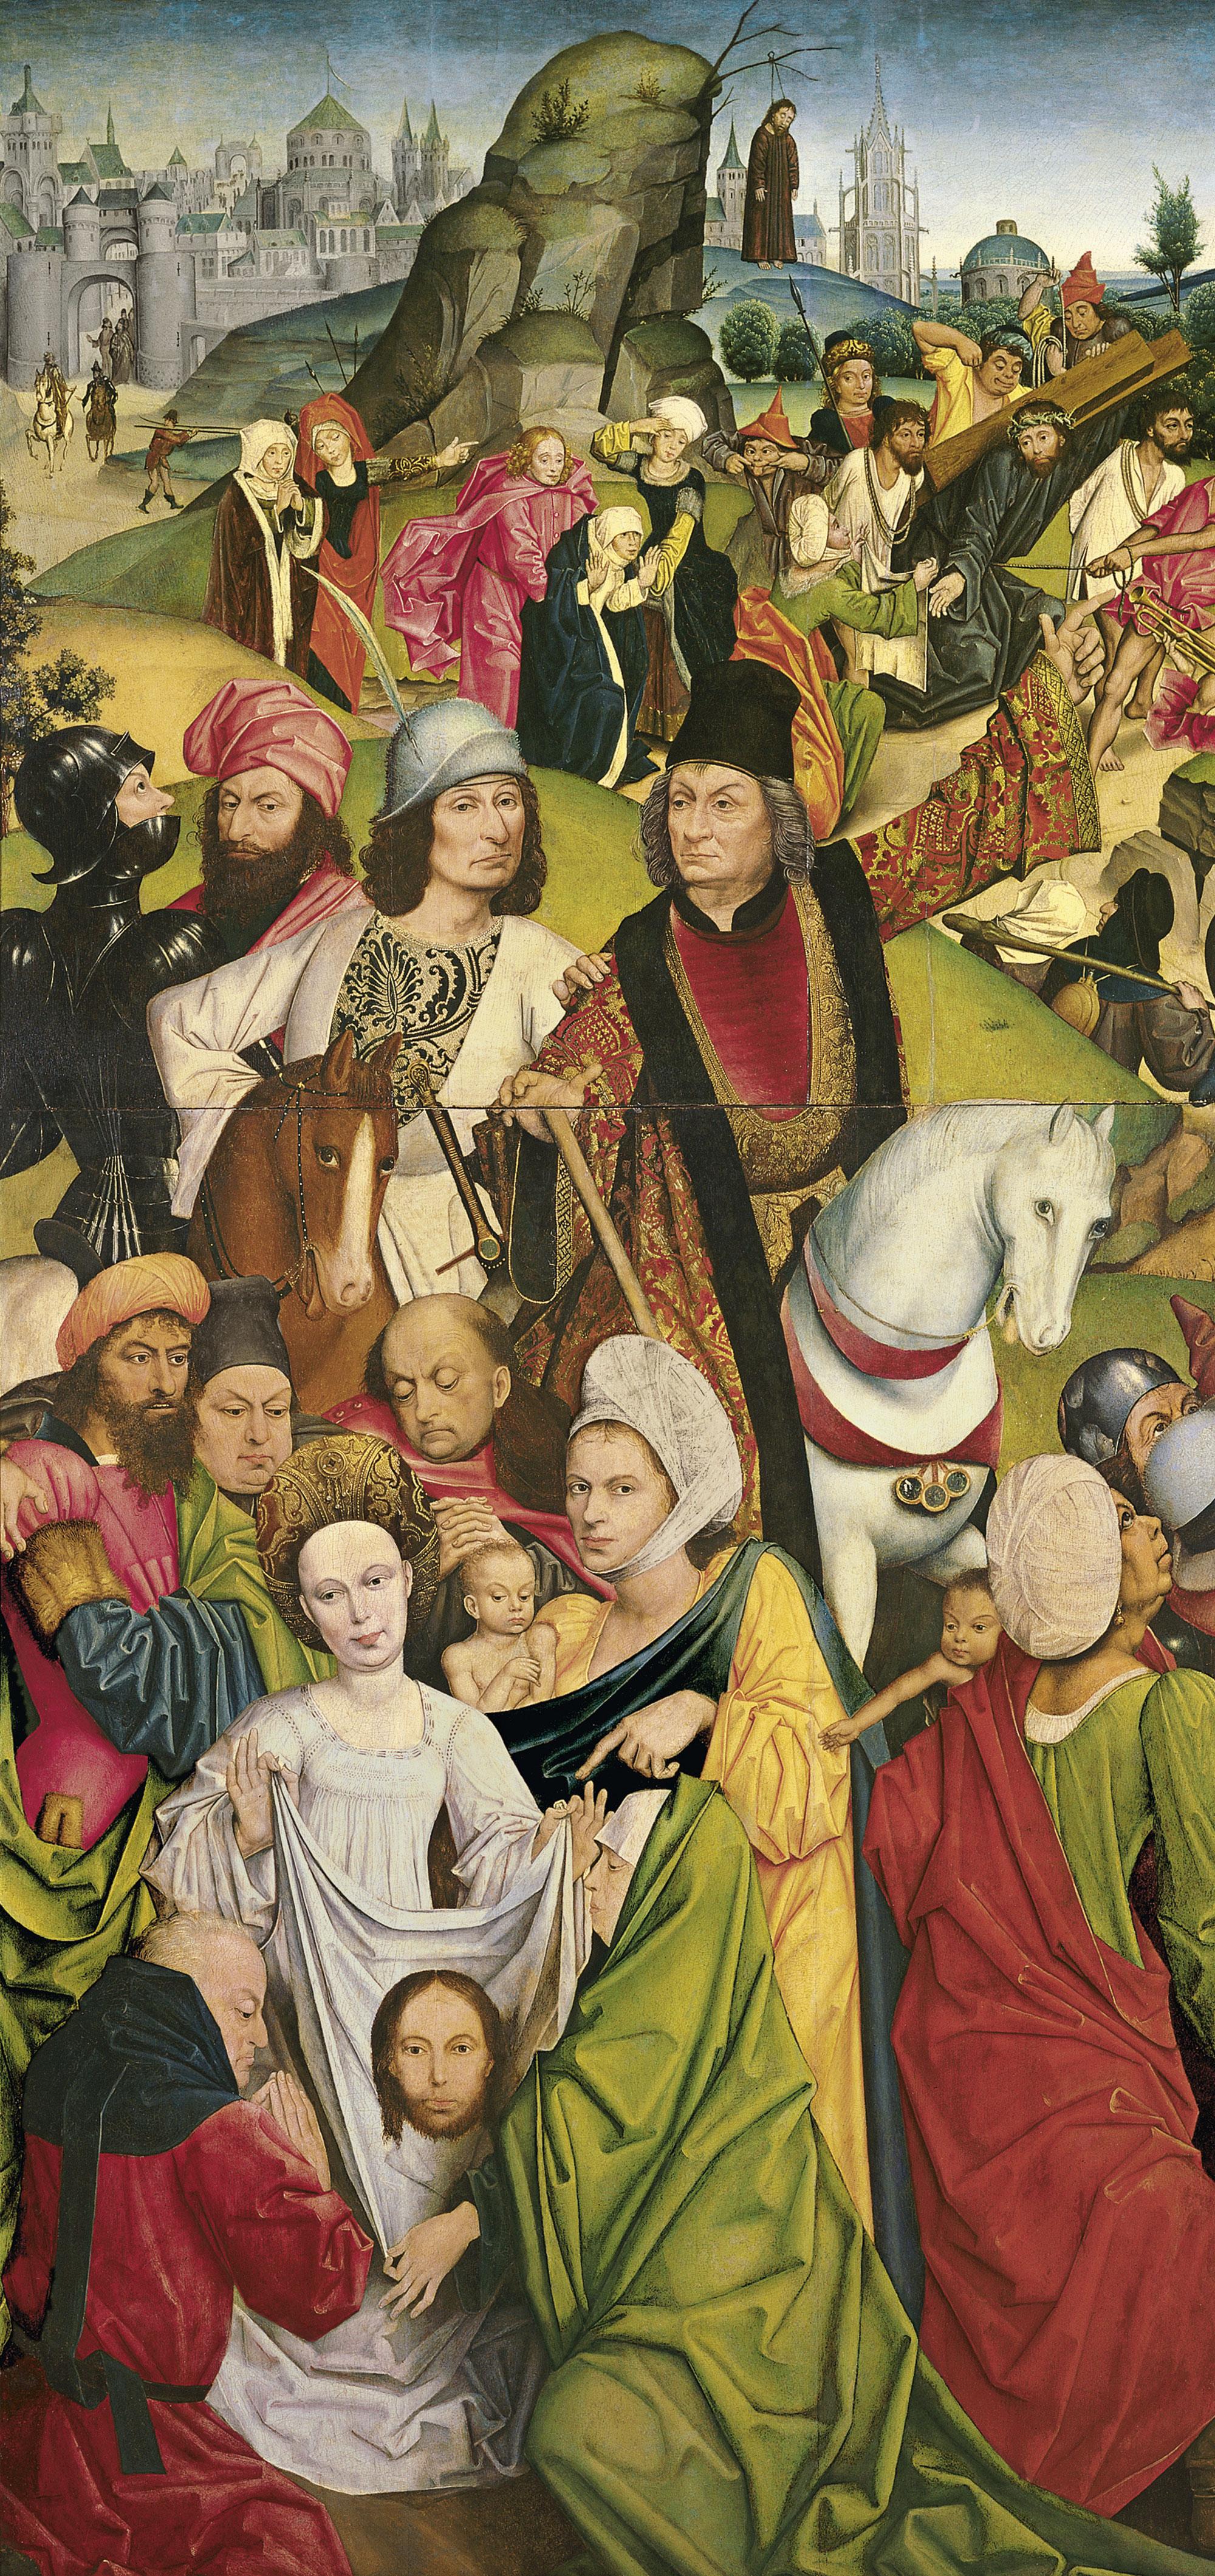 1477-78 DERICK BAEGERT Cristo che porta la Croce e Veronica con il sudario Thyssen-Bornemisza, Madrid